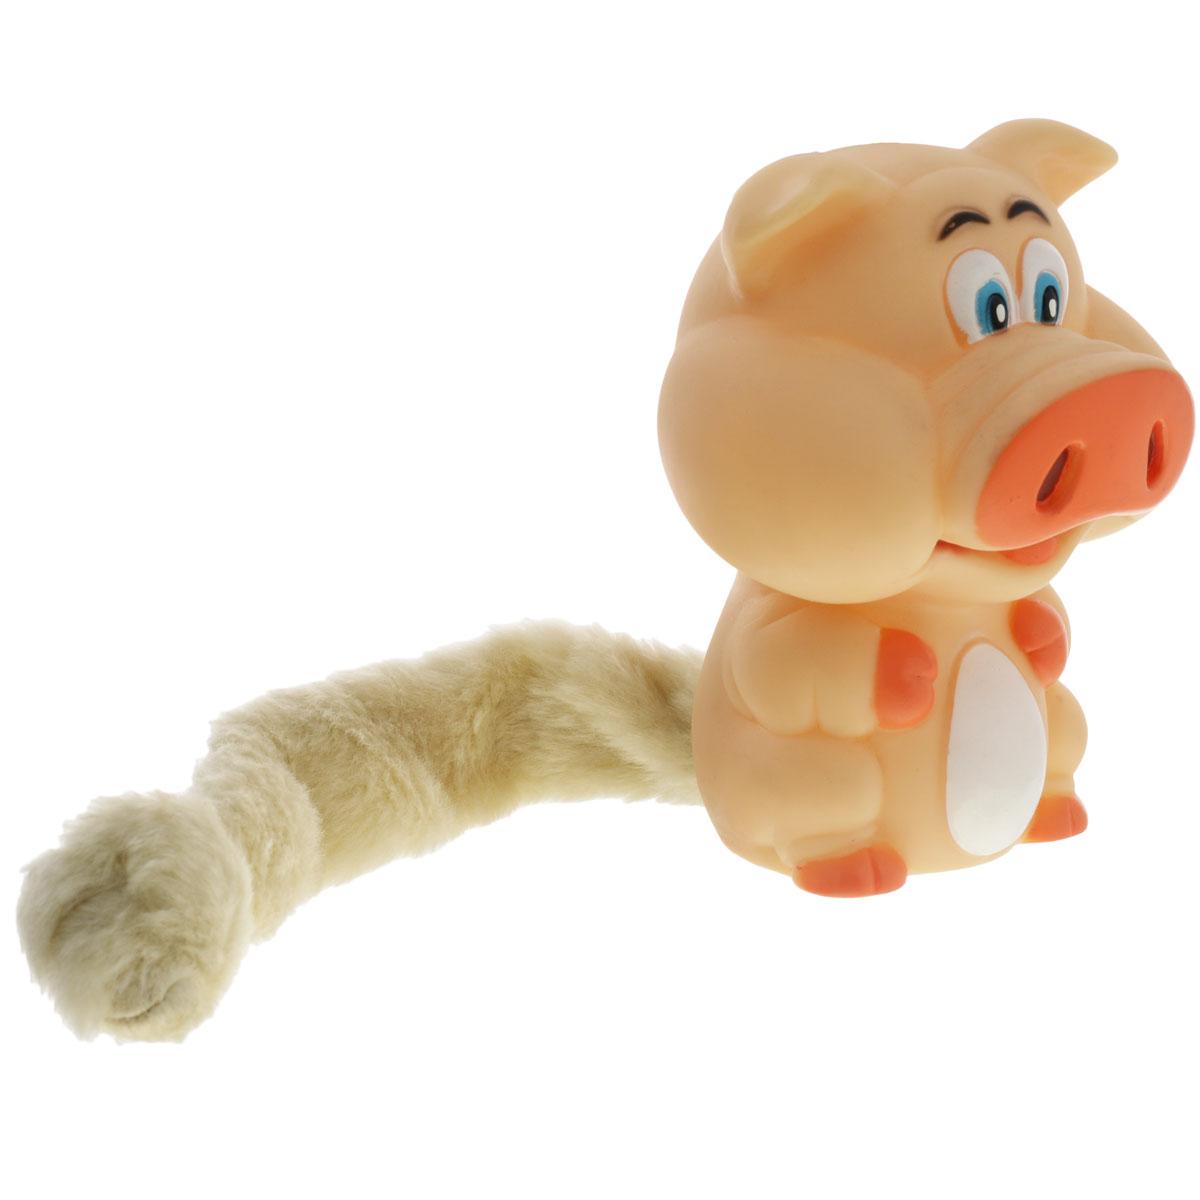 Игрушка для собак Aveva Кабанчик13307Игрушка для собак Aveva Кабанчик, выполненная в виде забавного кабана с плюшевым хвостом, изготовлена из резины. Такая игрушка позволит весело провести время вашему питомцу, а также поможет вам сохранить в целости личные вещи и предметы интерьера. Яркая игрушка привлечет внимание вашего любимца, не навредит здоровью и займет его на долгое время. Длина хвоста игрушки: 20 см.